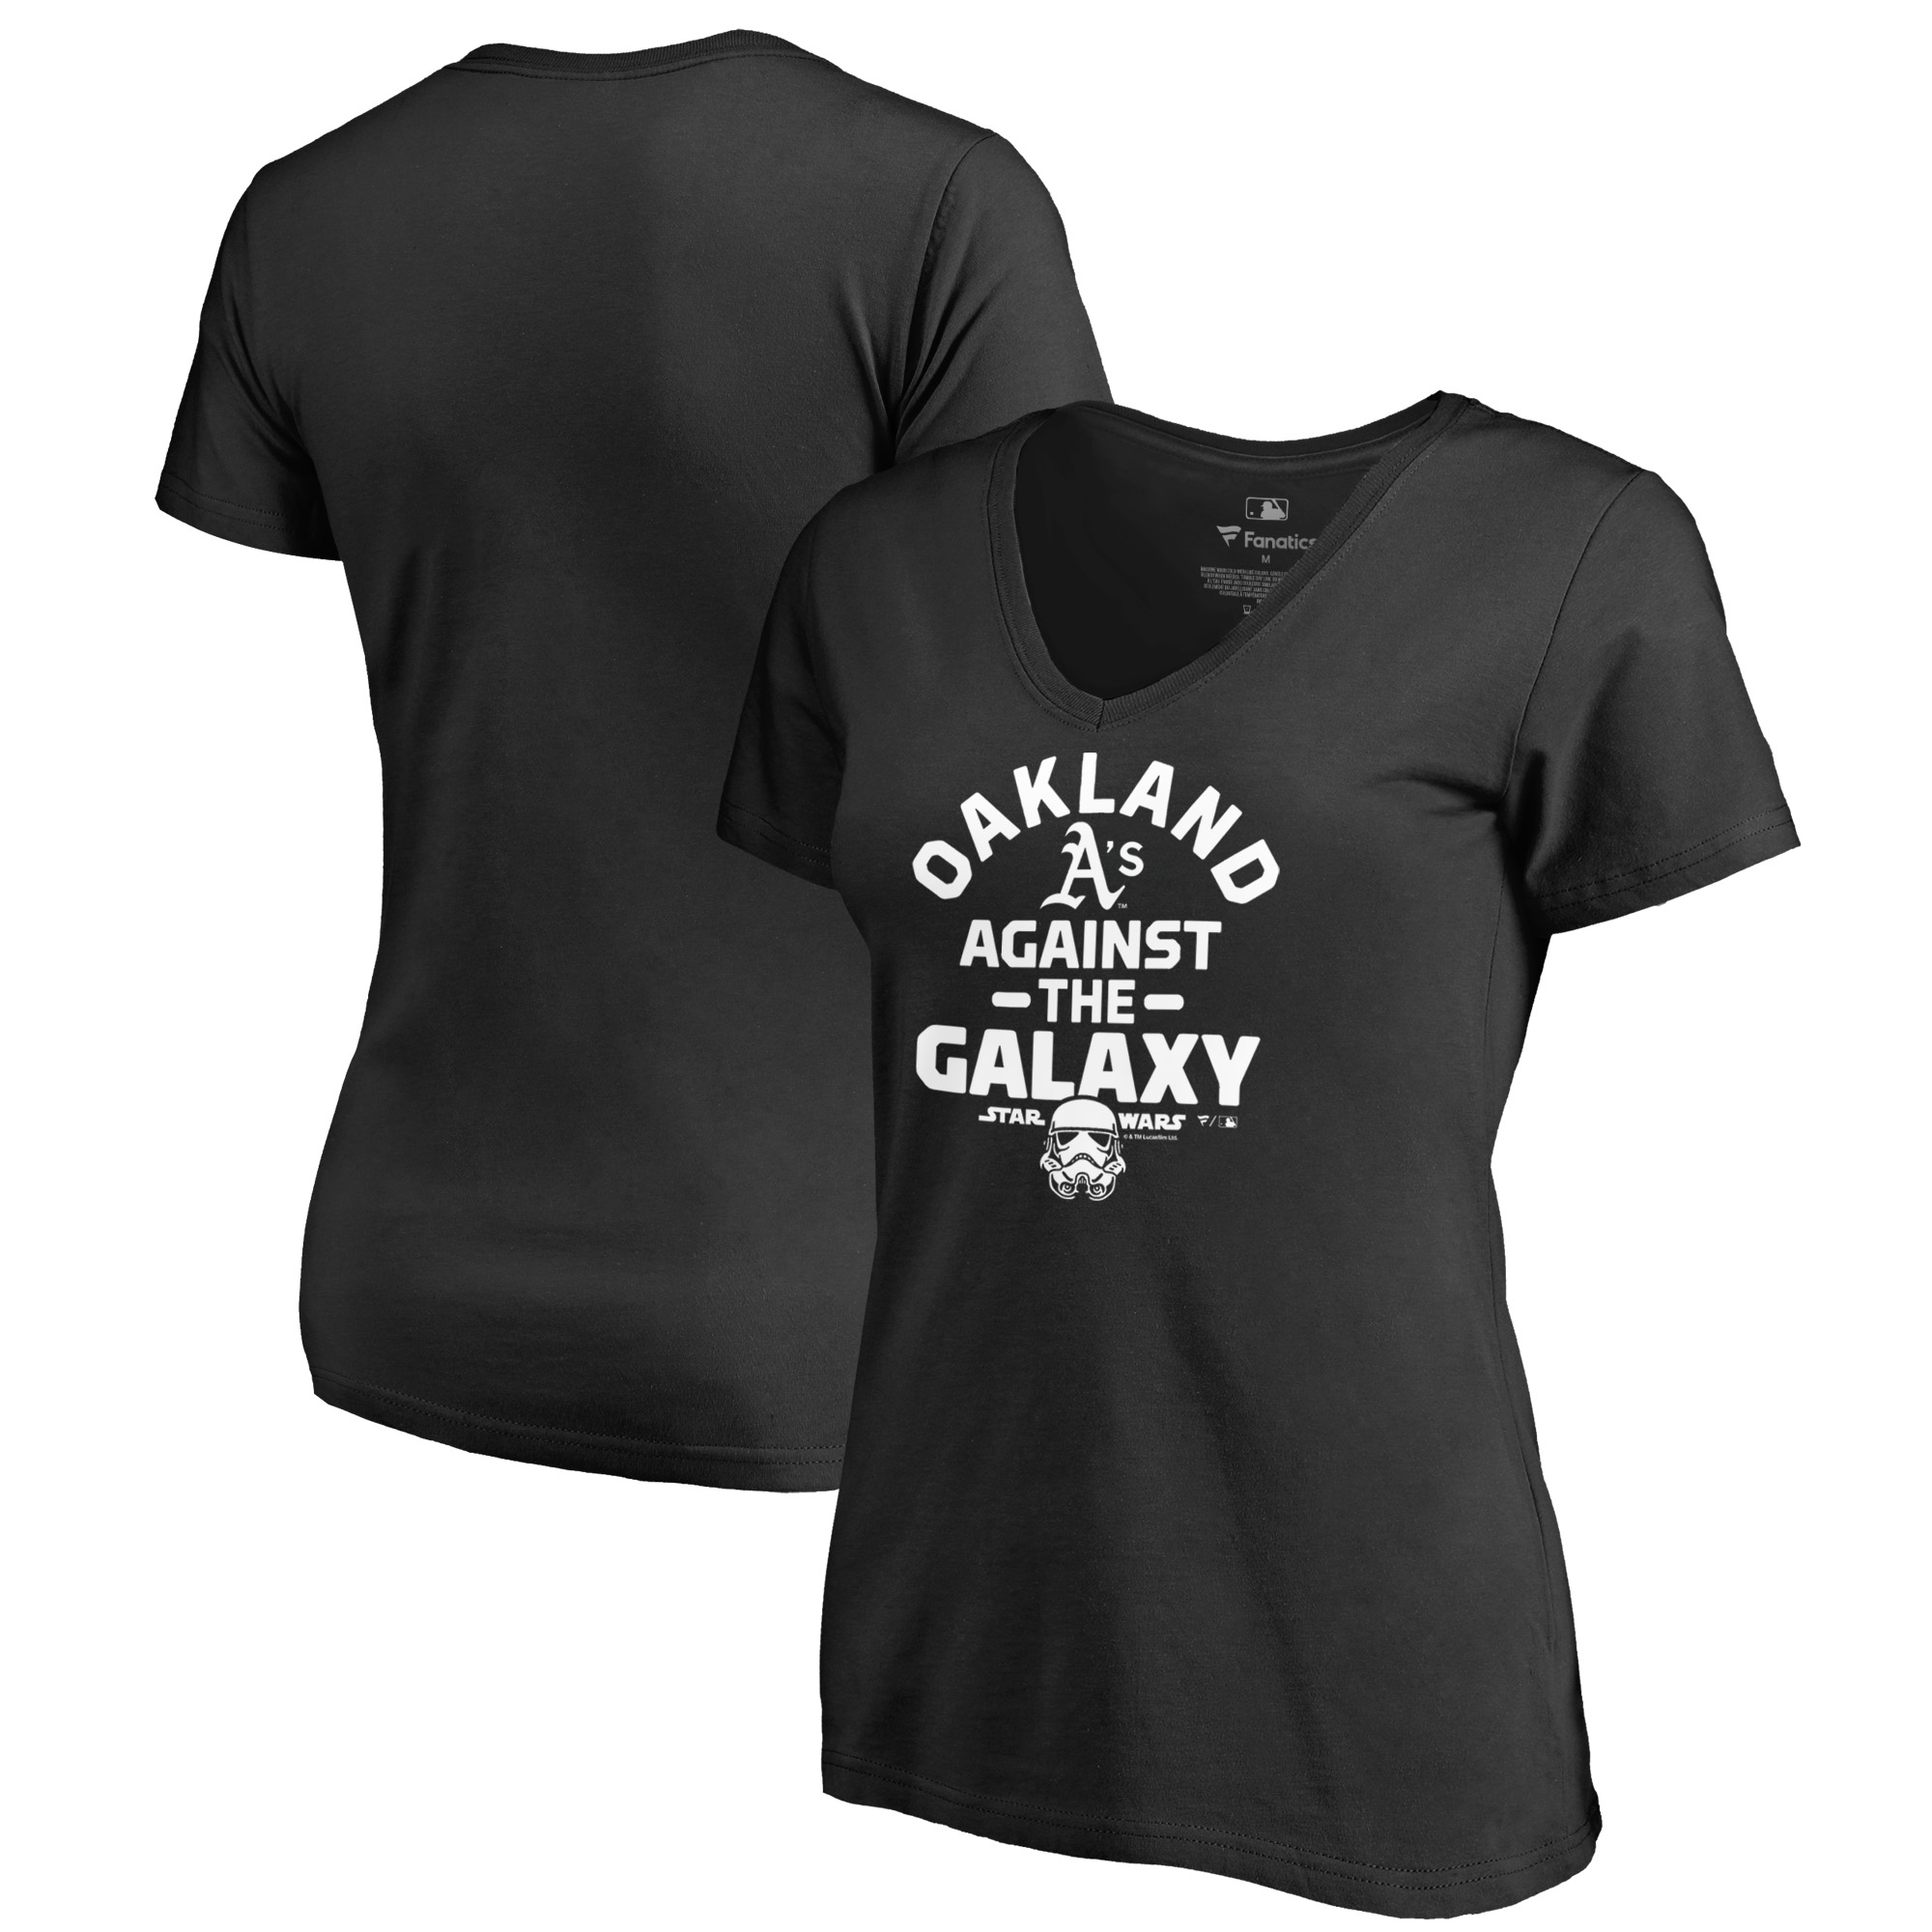 Oakland Athletics Fanatics Branded Women's MLB Star Wars Against The Galaxy V-Neck T-Shirt - Black